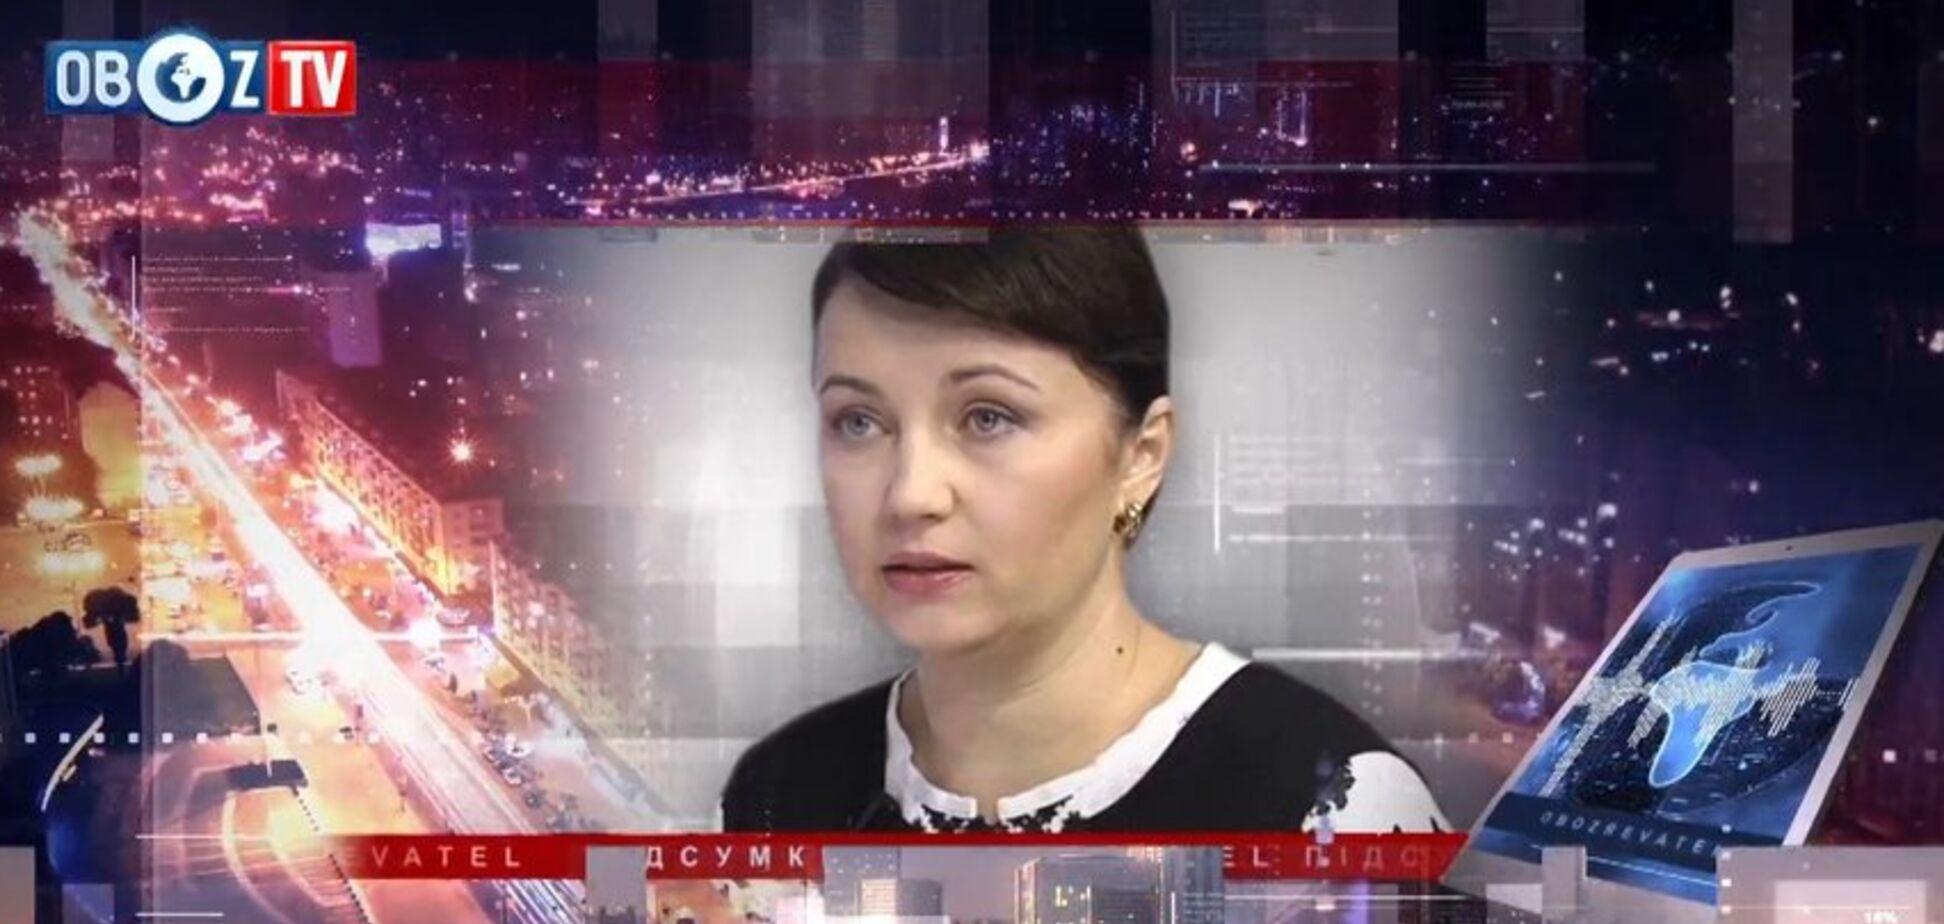 Польша выиграла суд у РФ: теперь украинская ГТС будет заполнена